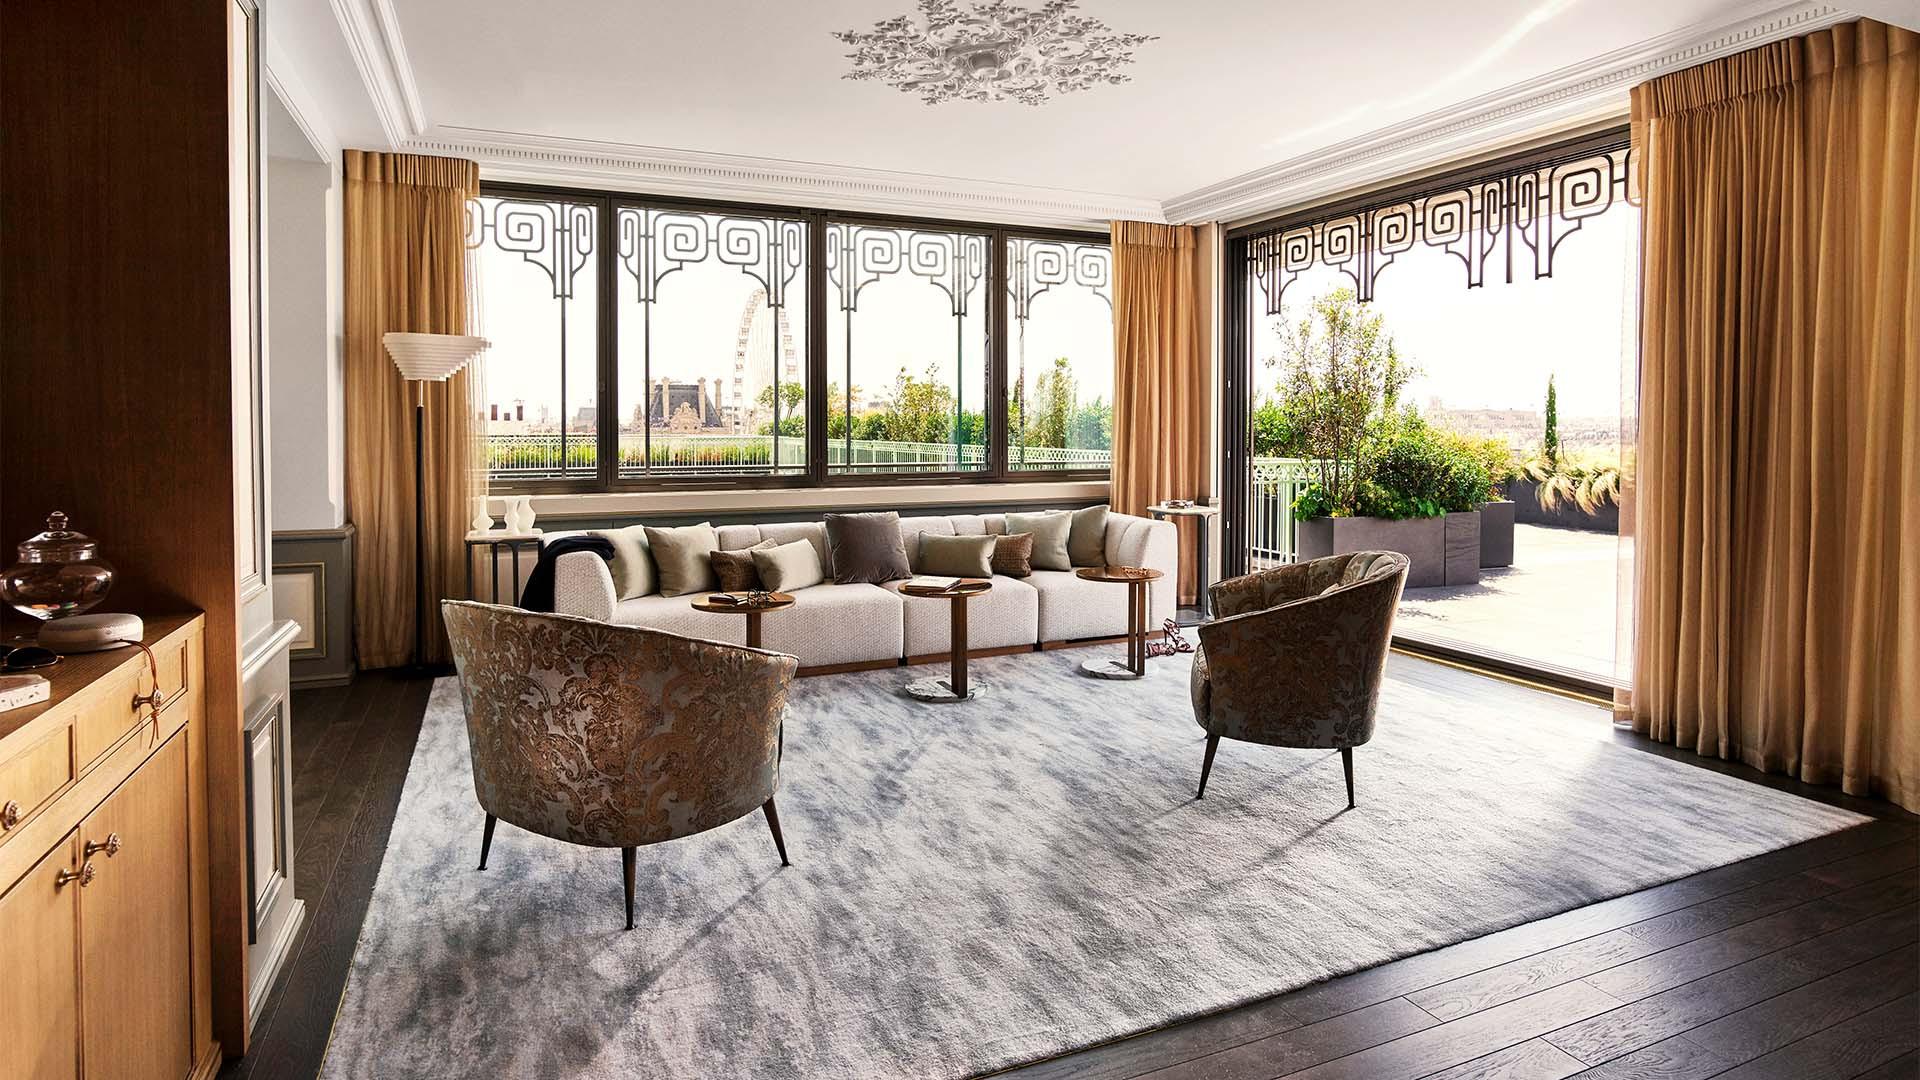 Le Meurice's Belle Etoile Penthouse